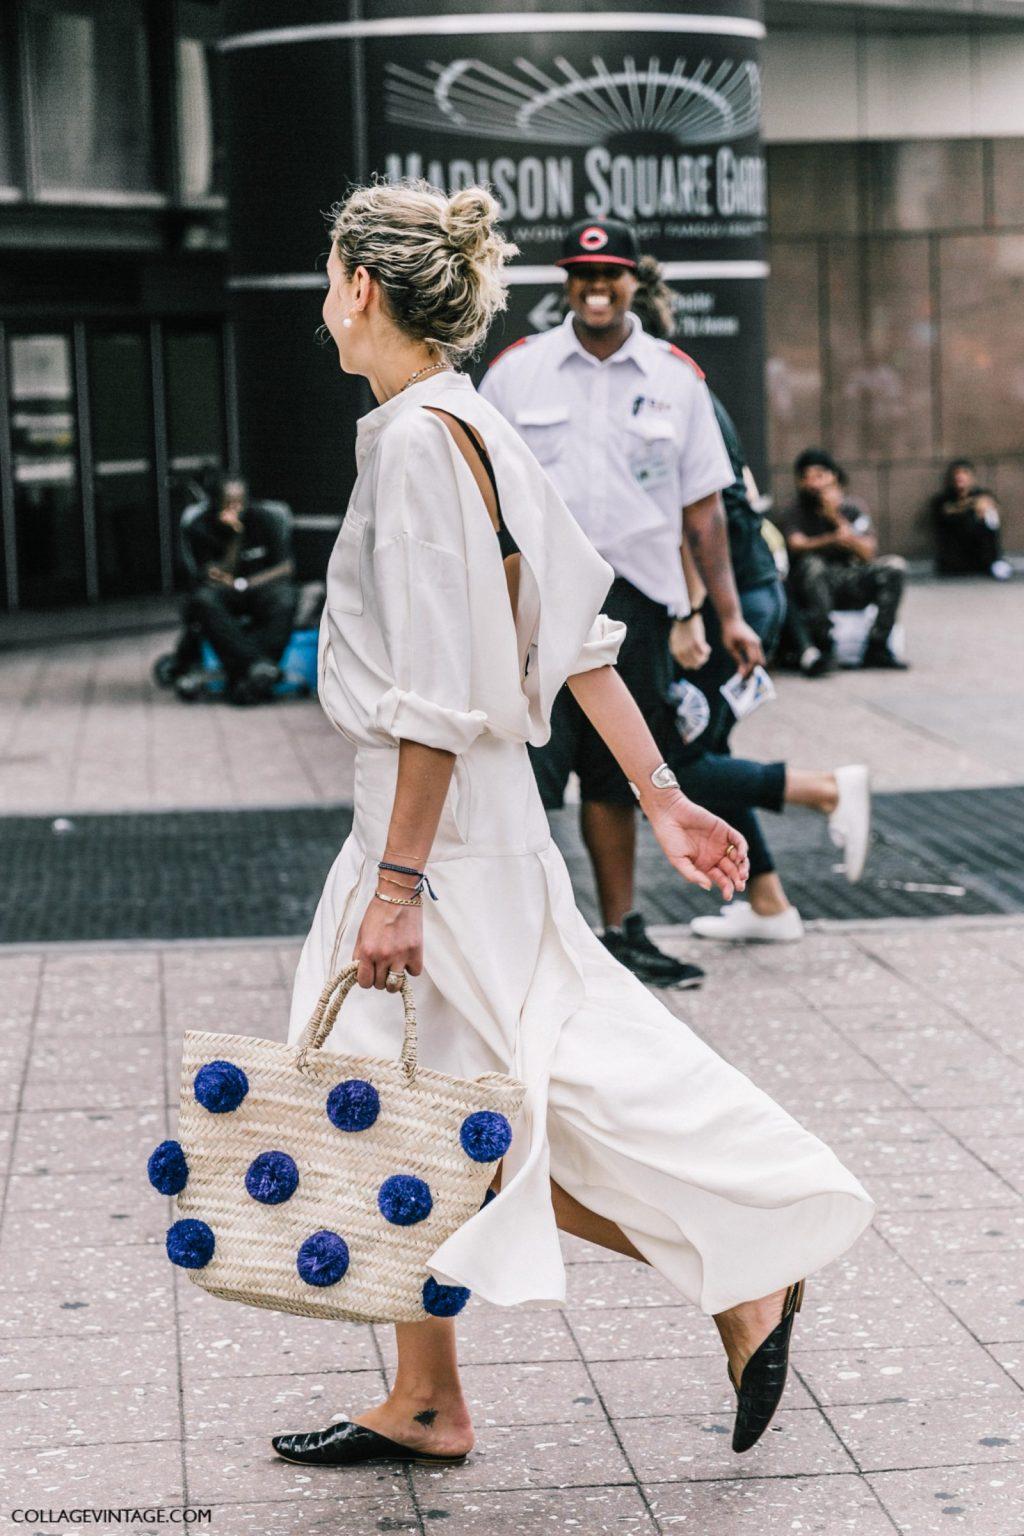 Váy ngắn hay những thiết kế dài đều có thể phối hợp ăn ý cùng item này.